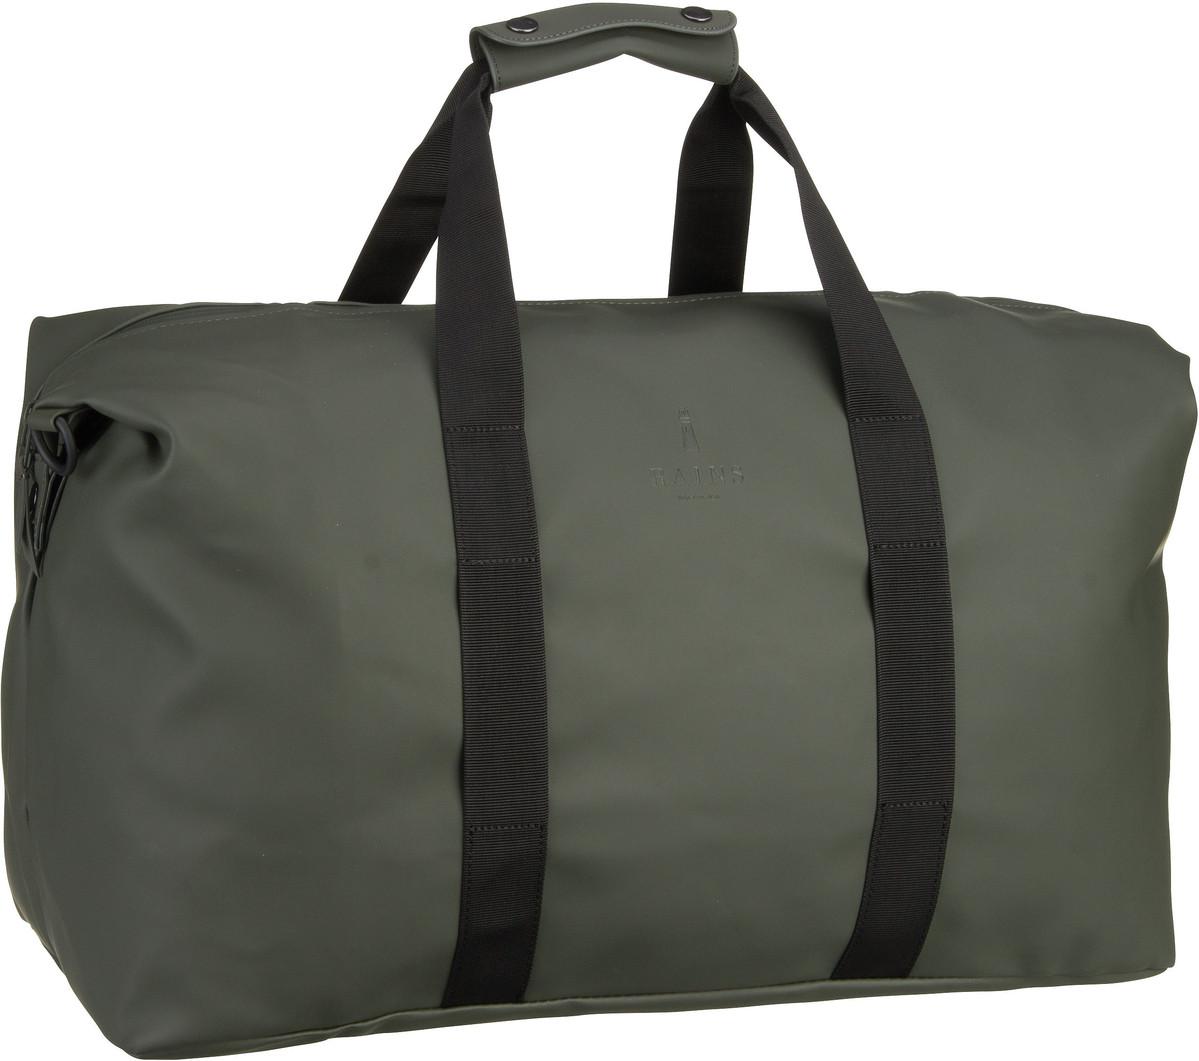 Reisegepaeck für Frauen - Rains Reisetasche Weekend Bag Green (44 Liter)  - Onlineshop Taschenkaufhaus